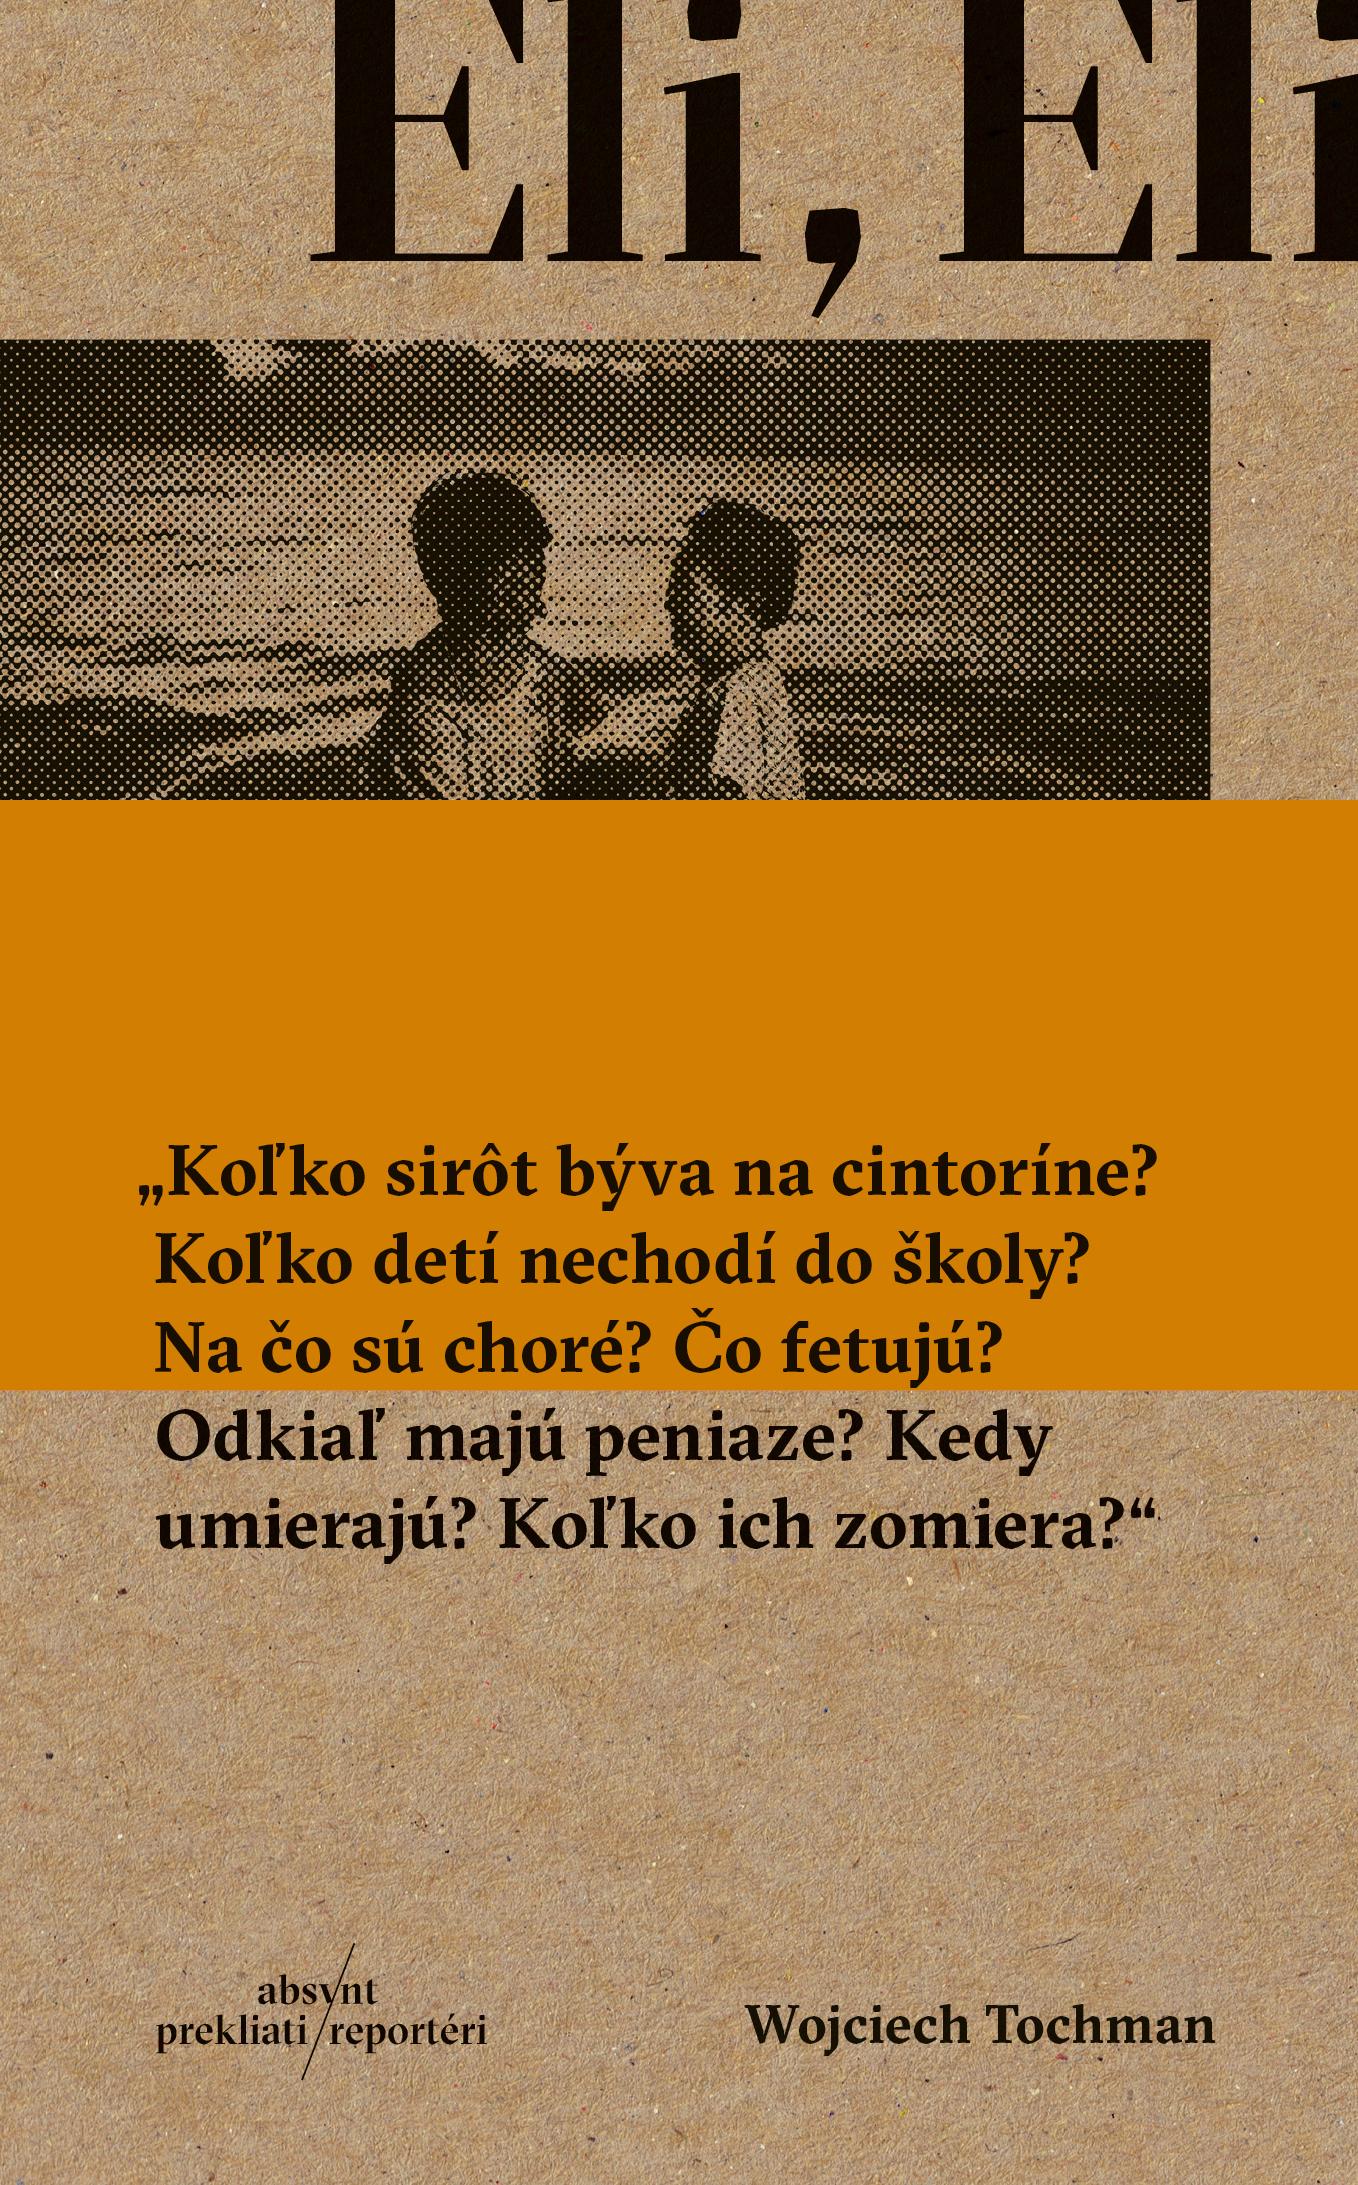 Slavomir rawicz epub to pdf